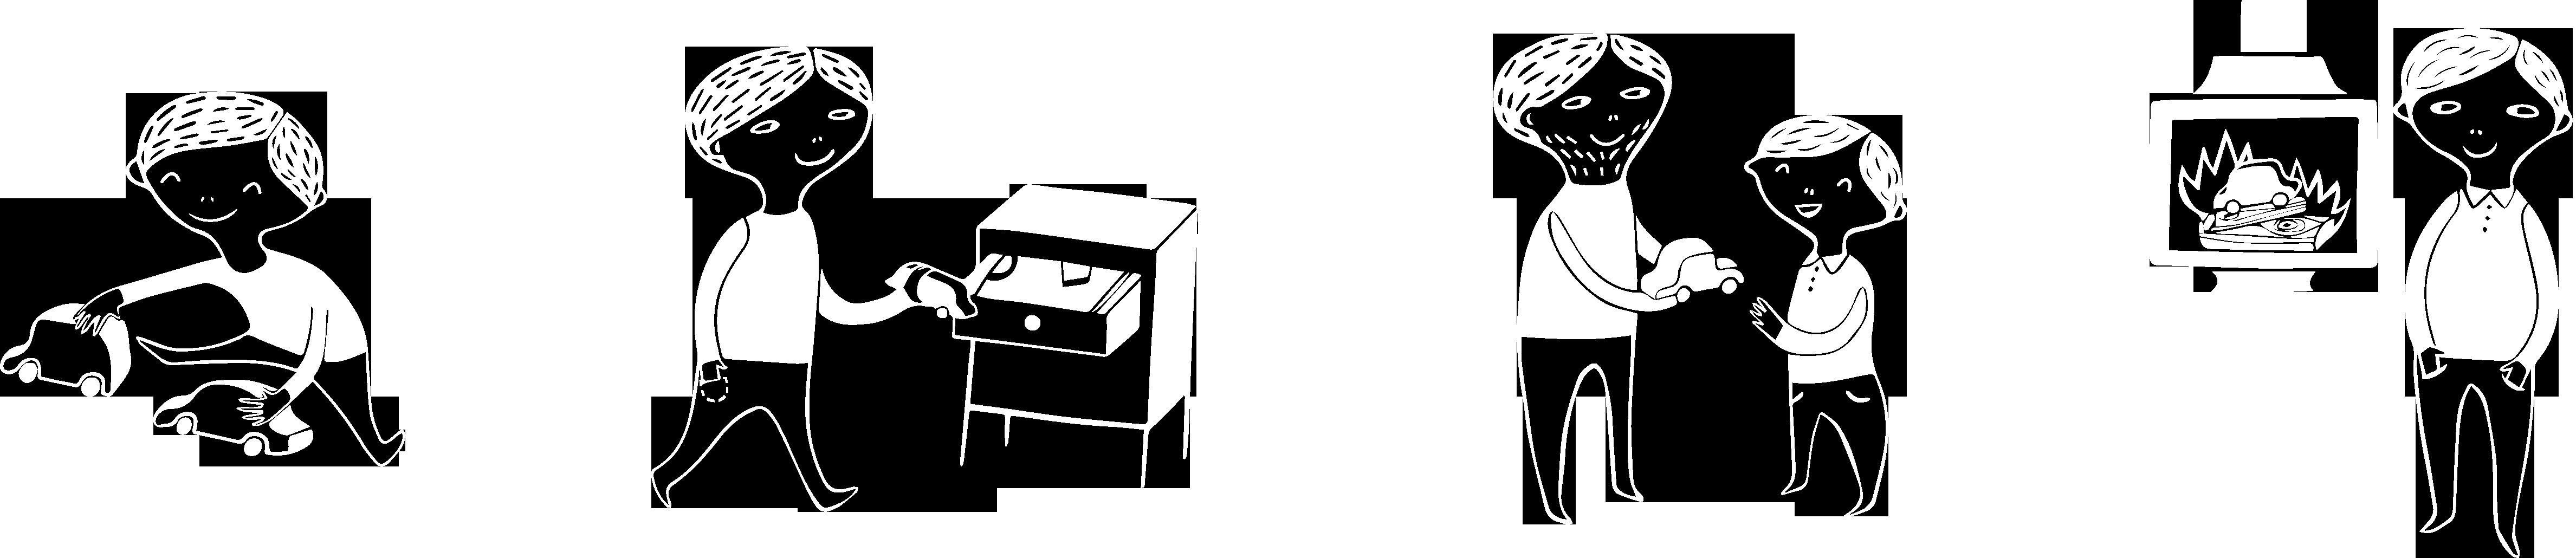 illustrazioni grandi bianche orizz